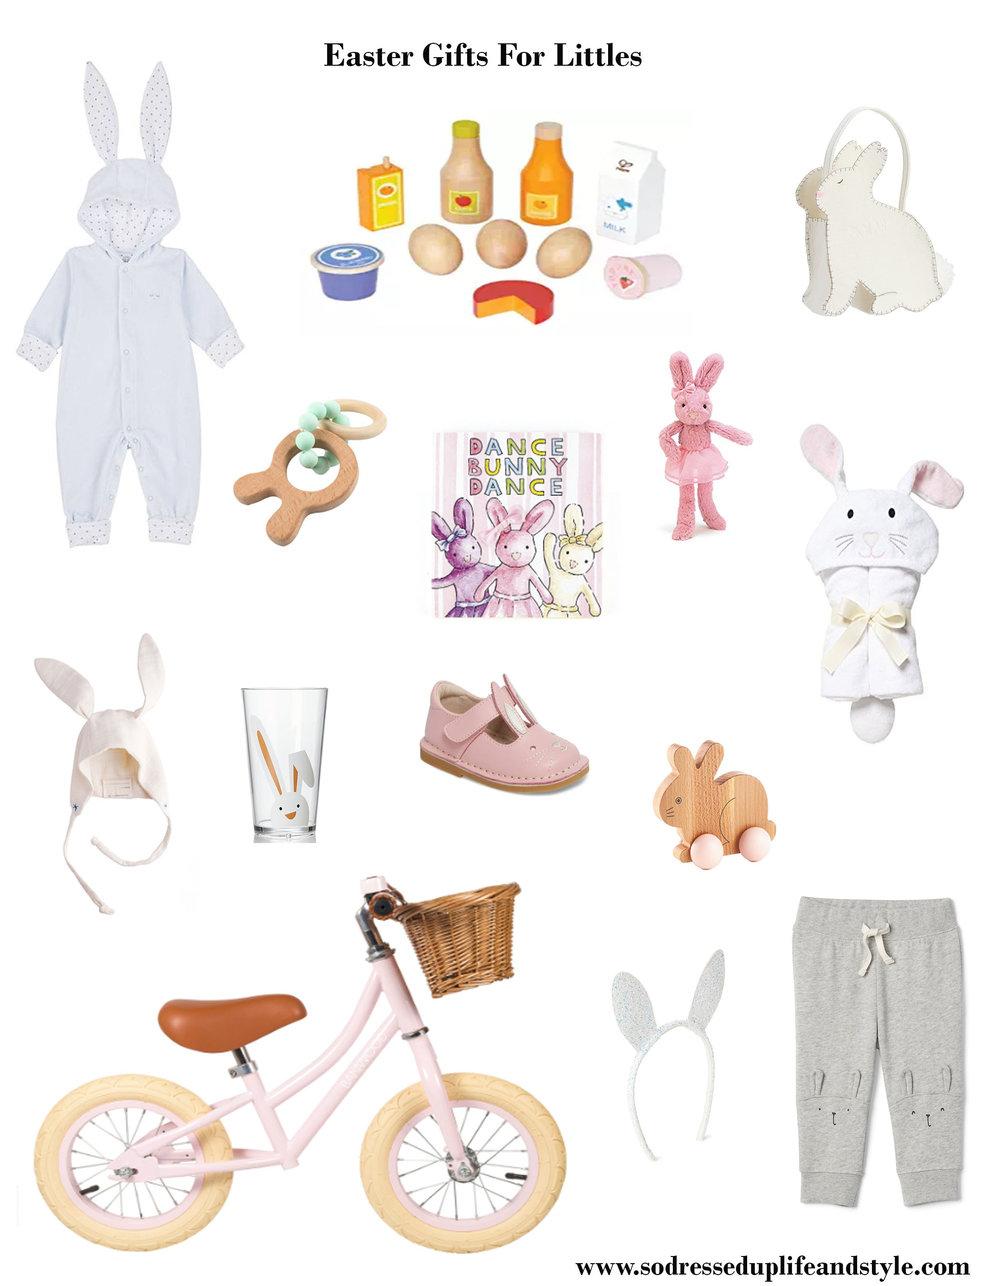 Easter Gifts Littles.jpg